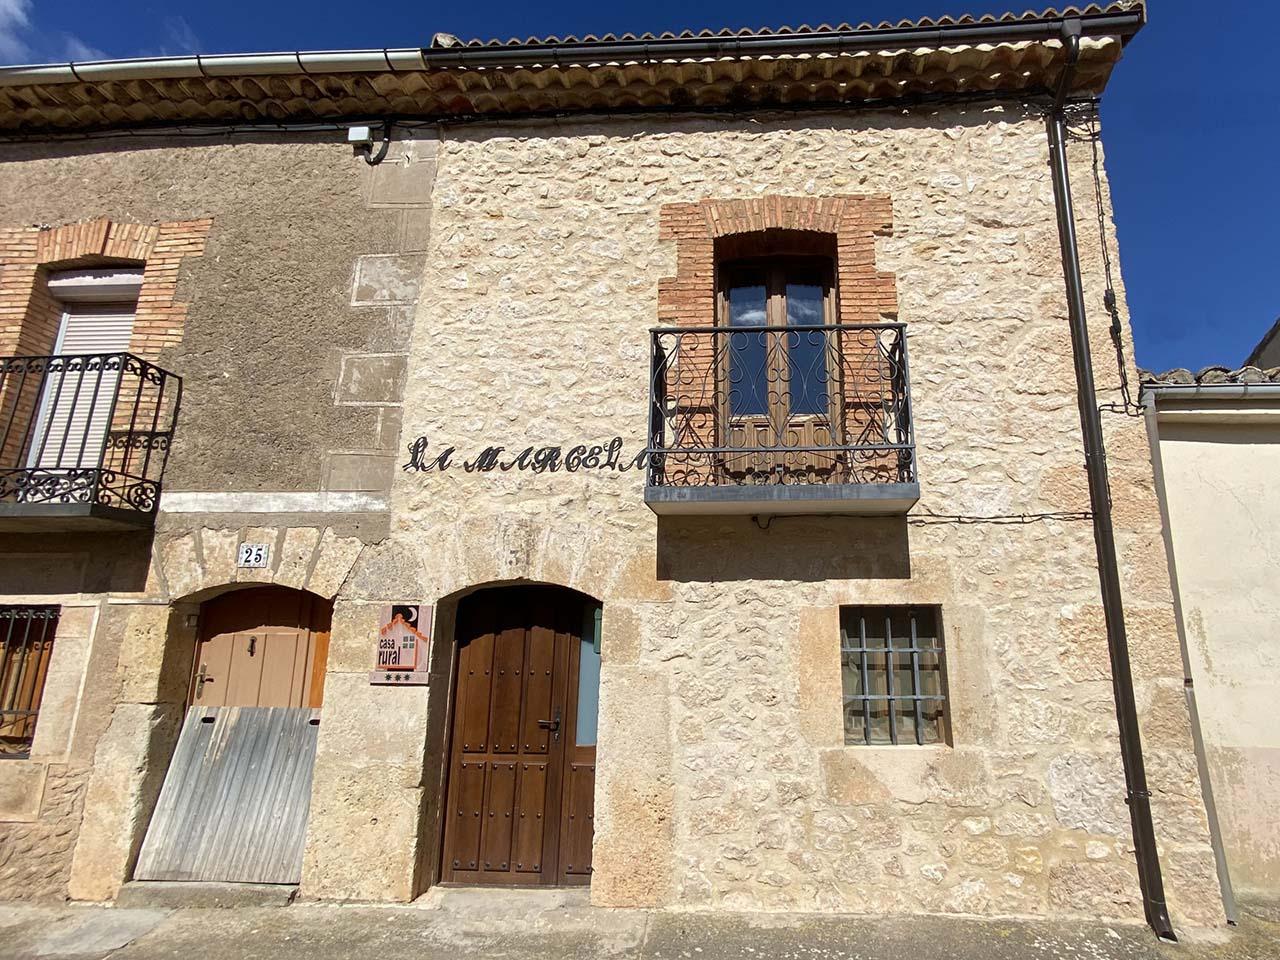 Alquiler de casa rural con barbacoa en Peñalba de San Esteban, Soria